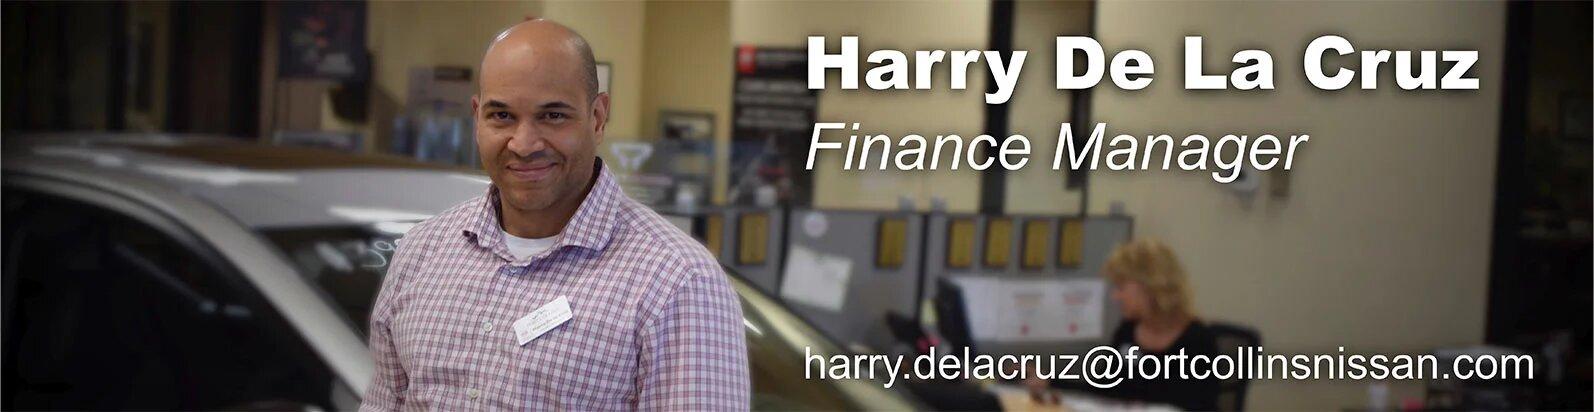 Harry De La Cruz